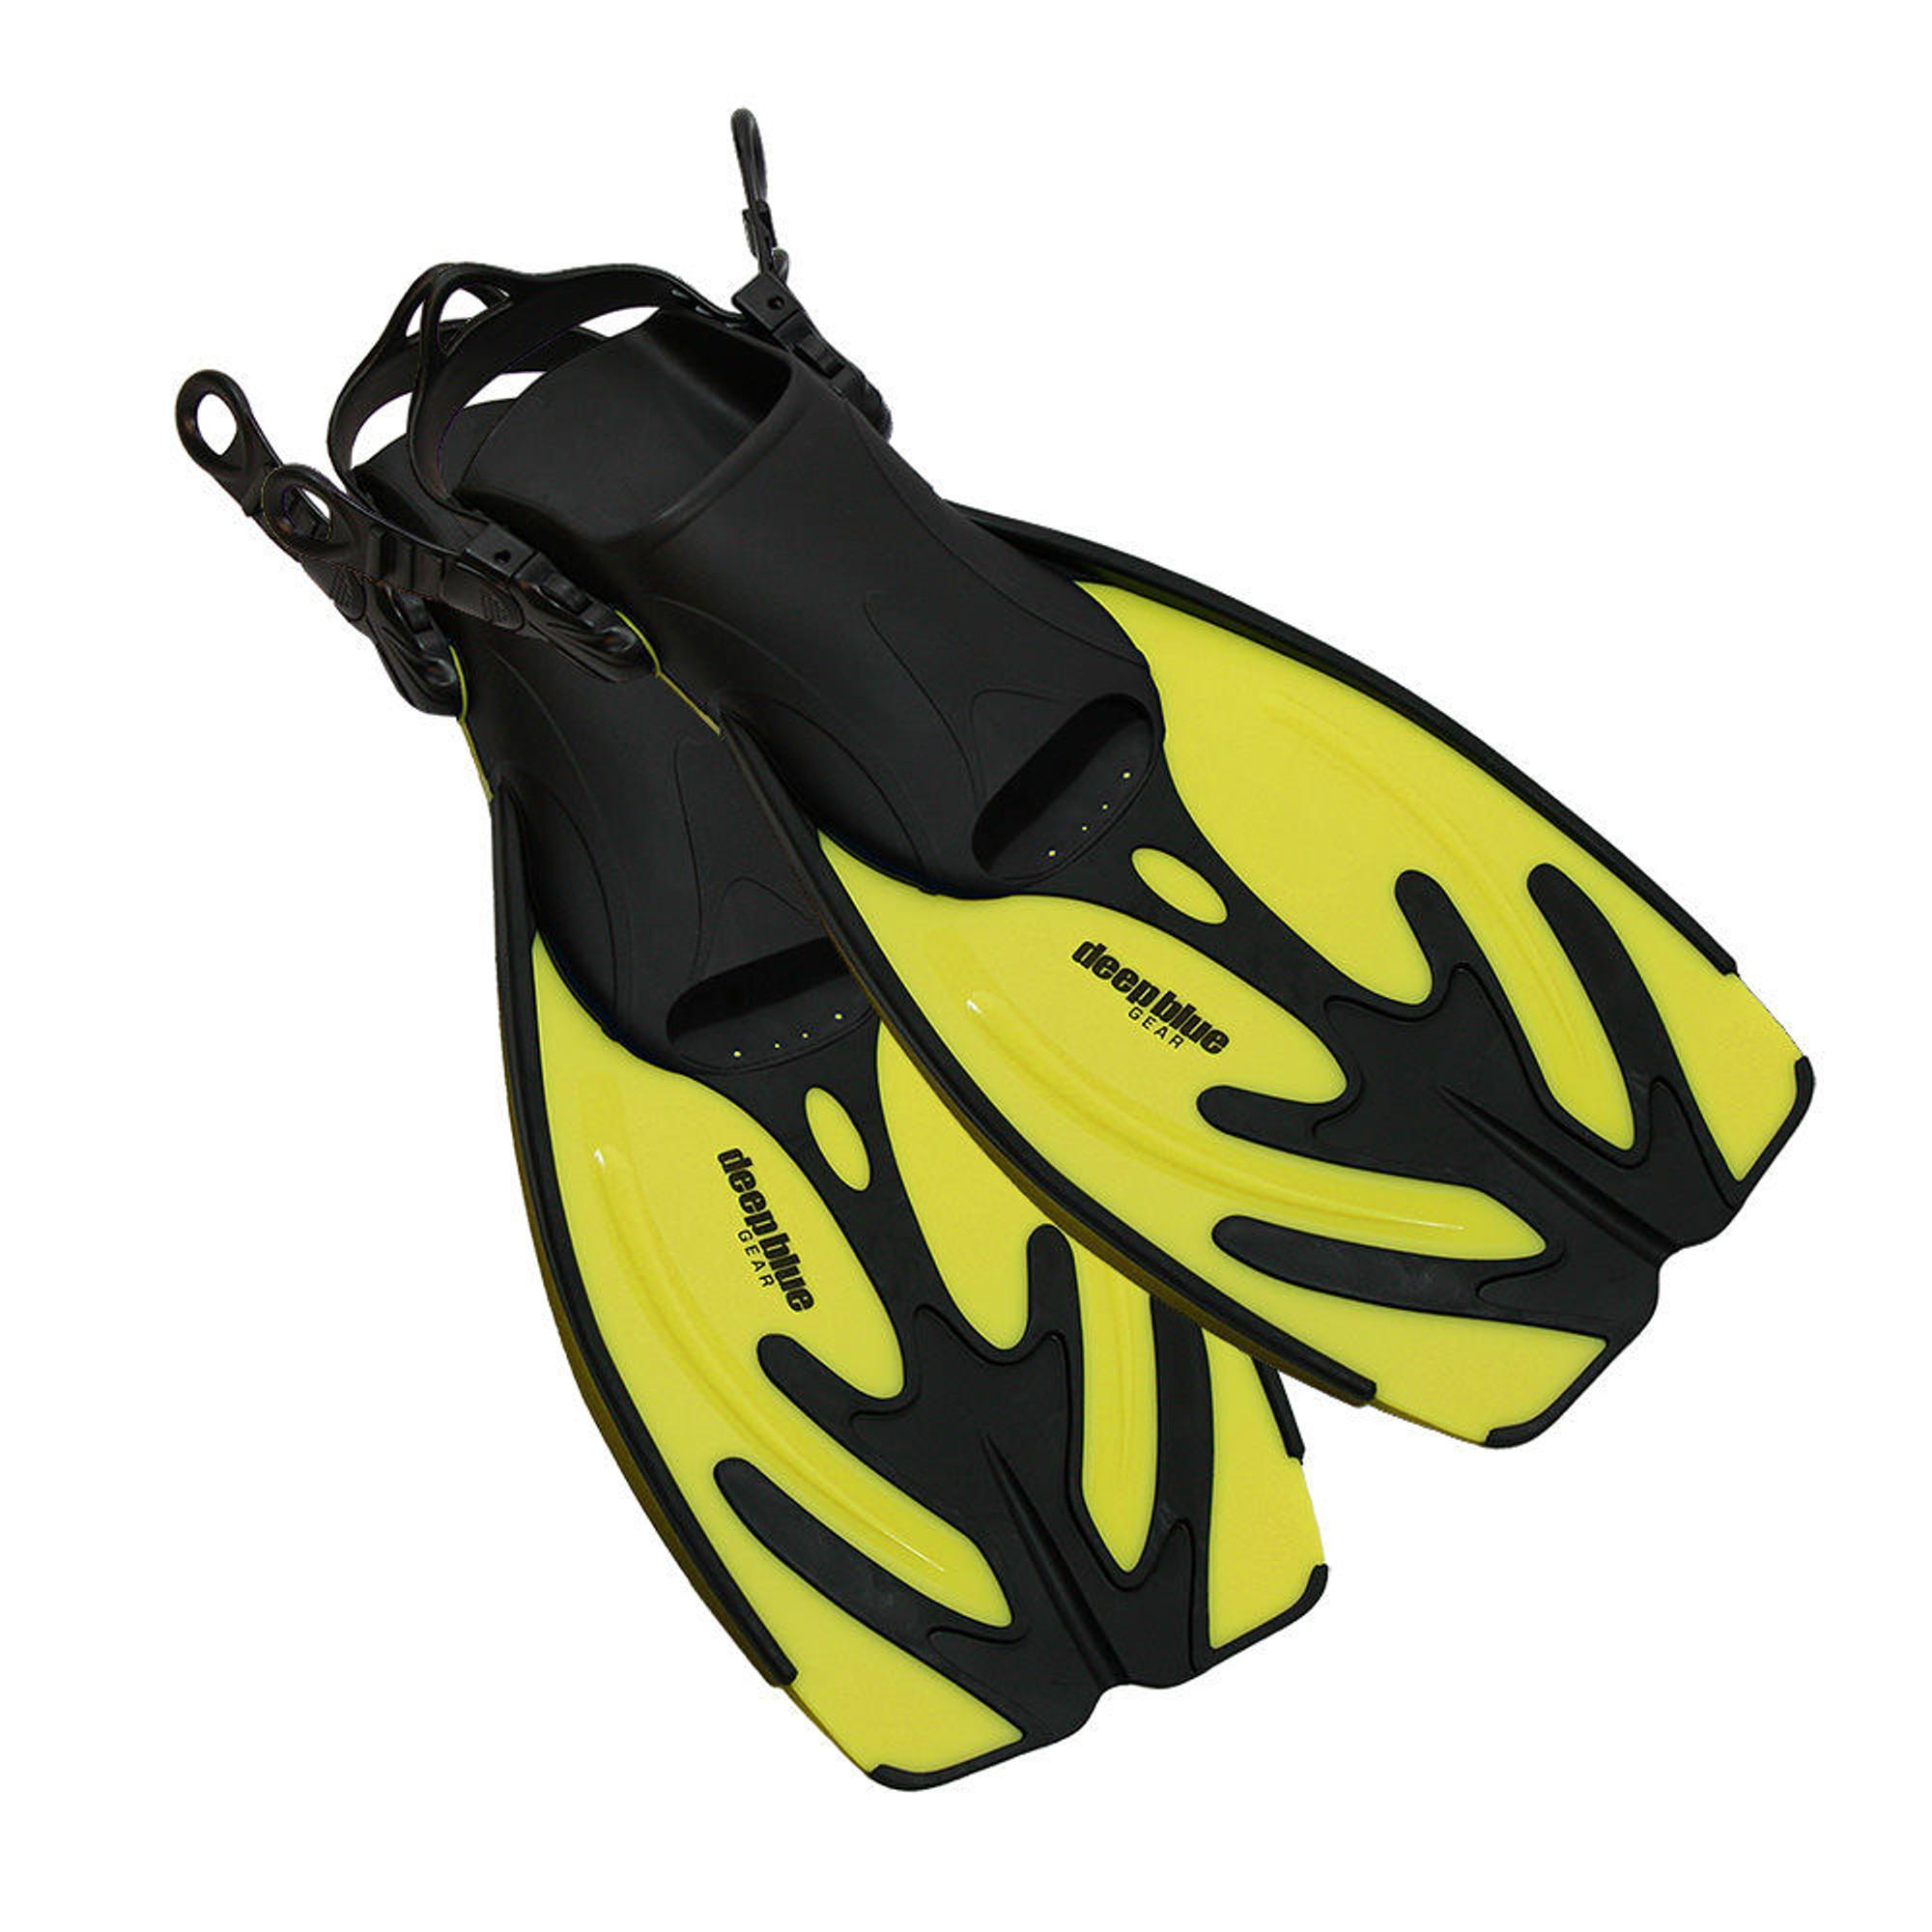 Current - Kid's Adjustable Snorkeling Fins